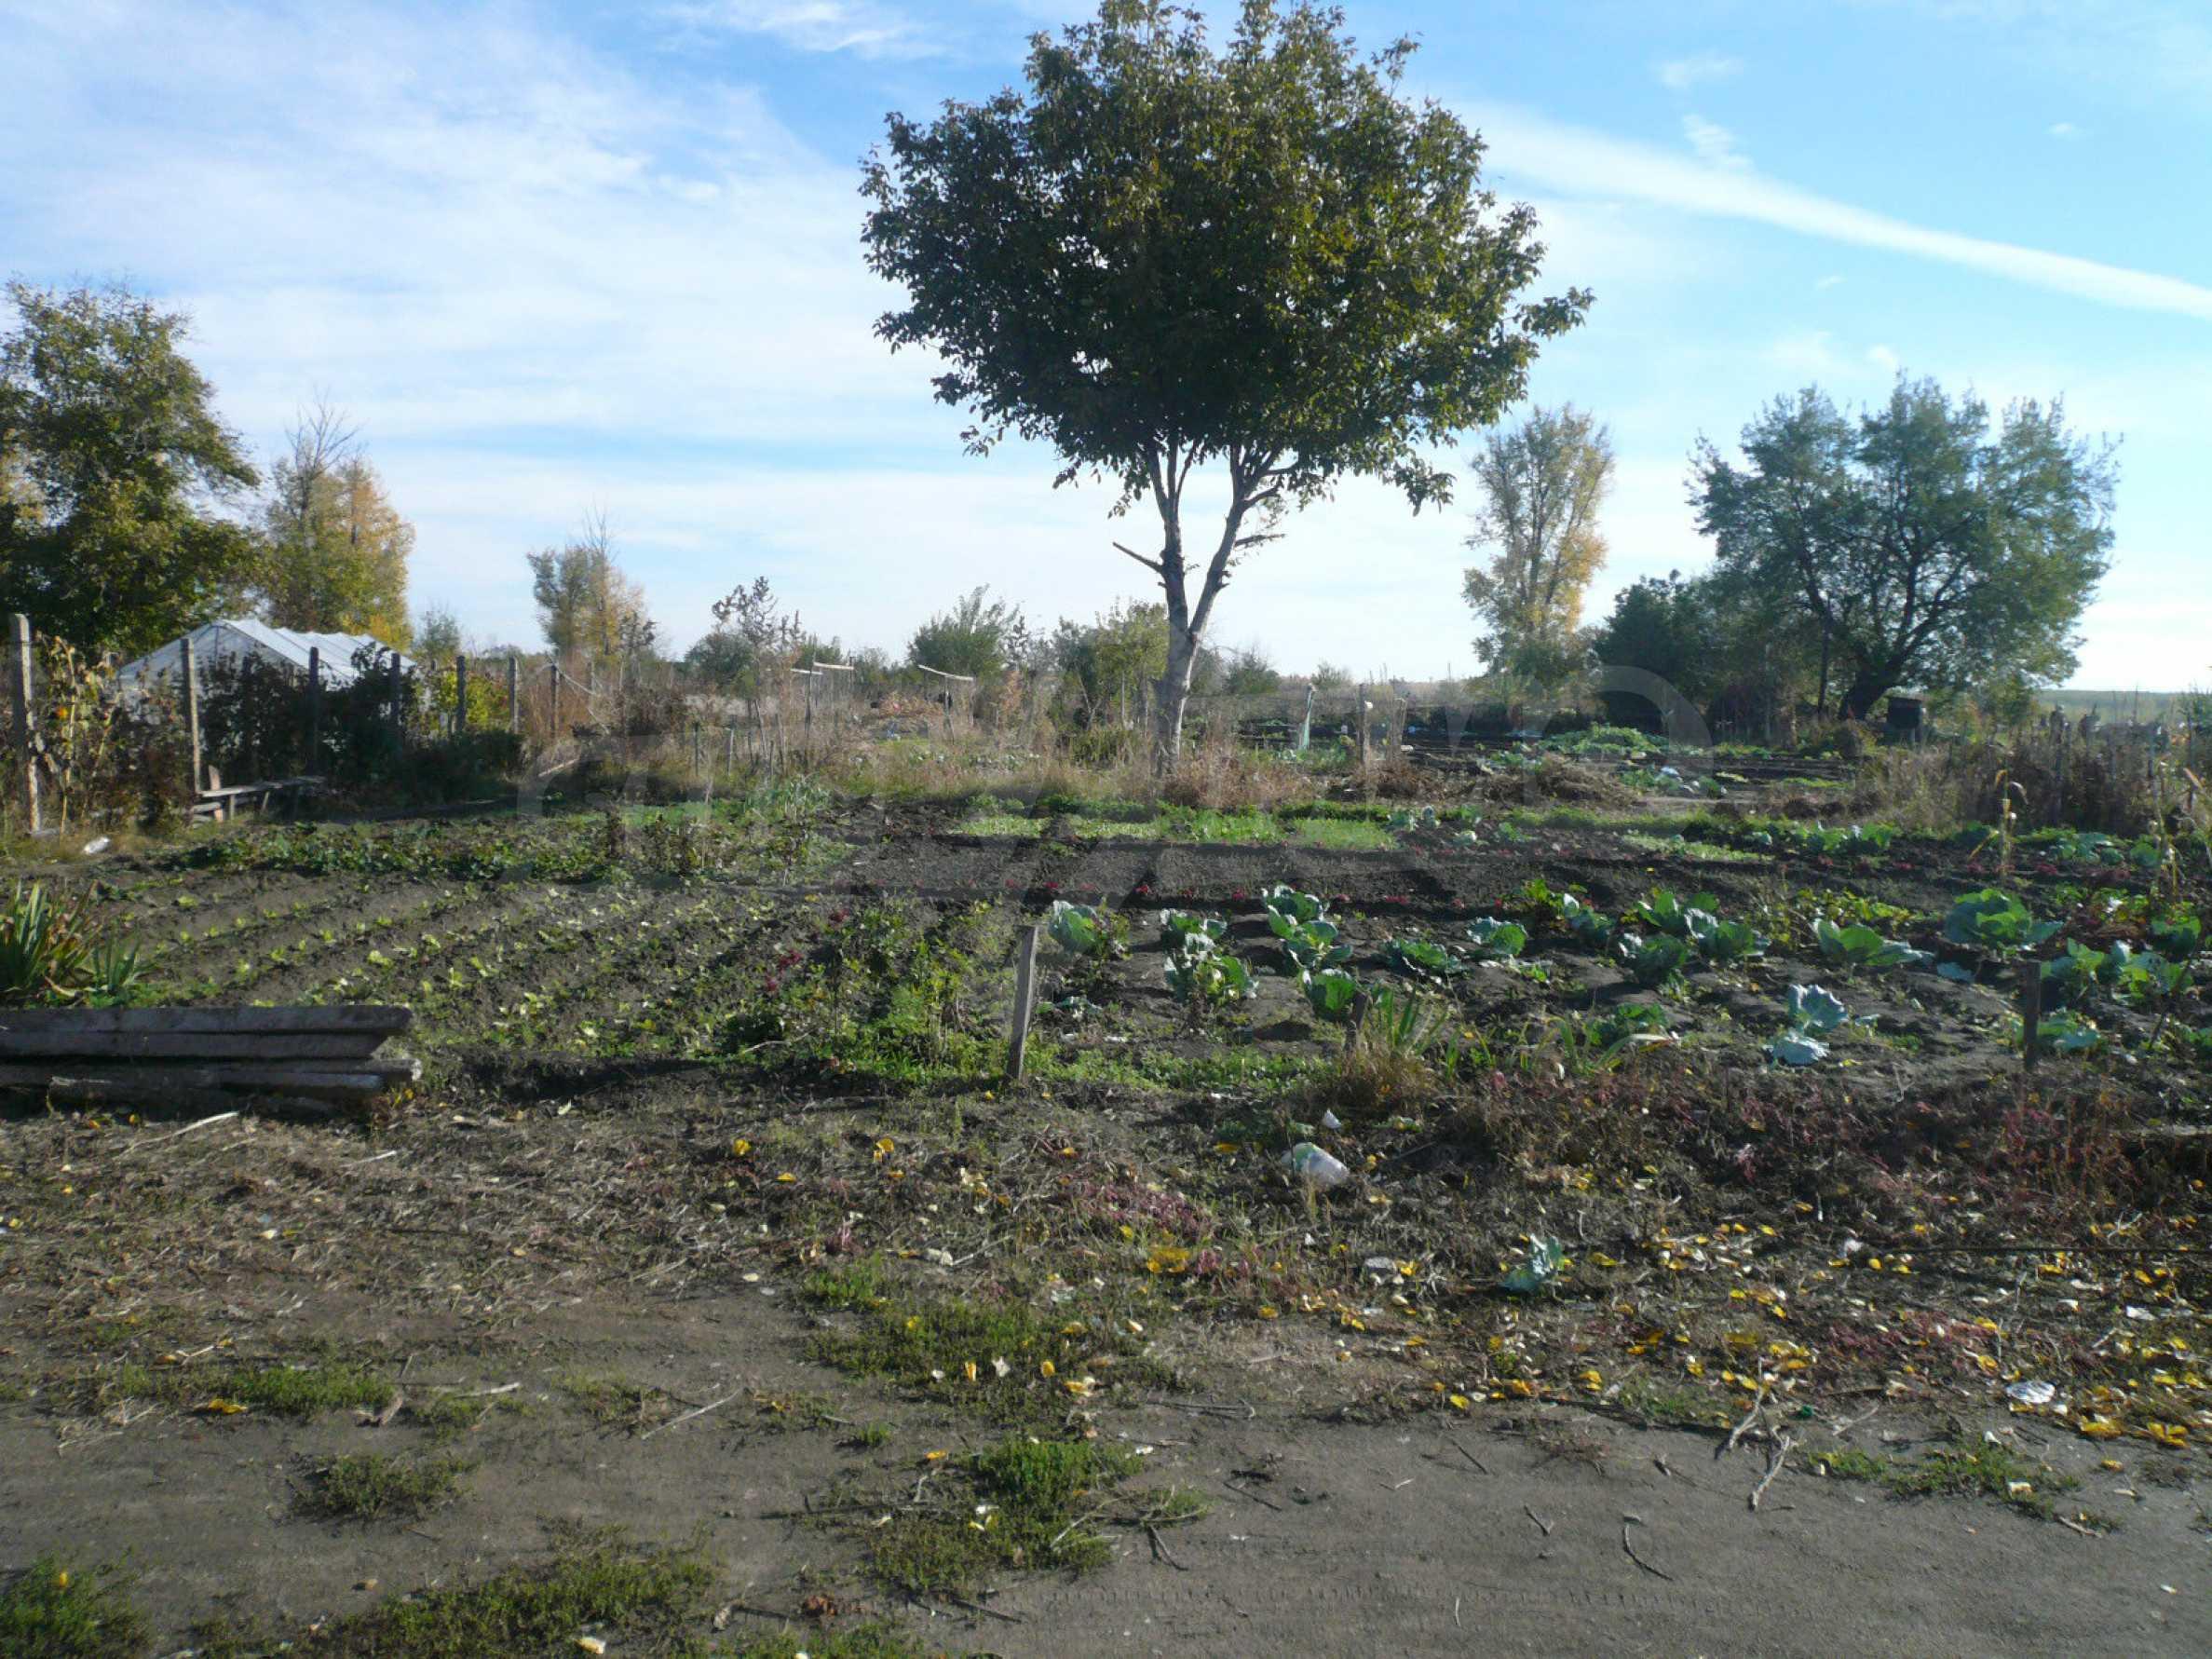 Großes reguliertes Grundstück für die Entwicklung von Einfamilienhäusern in Vidin 1